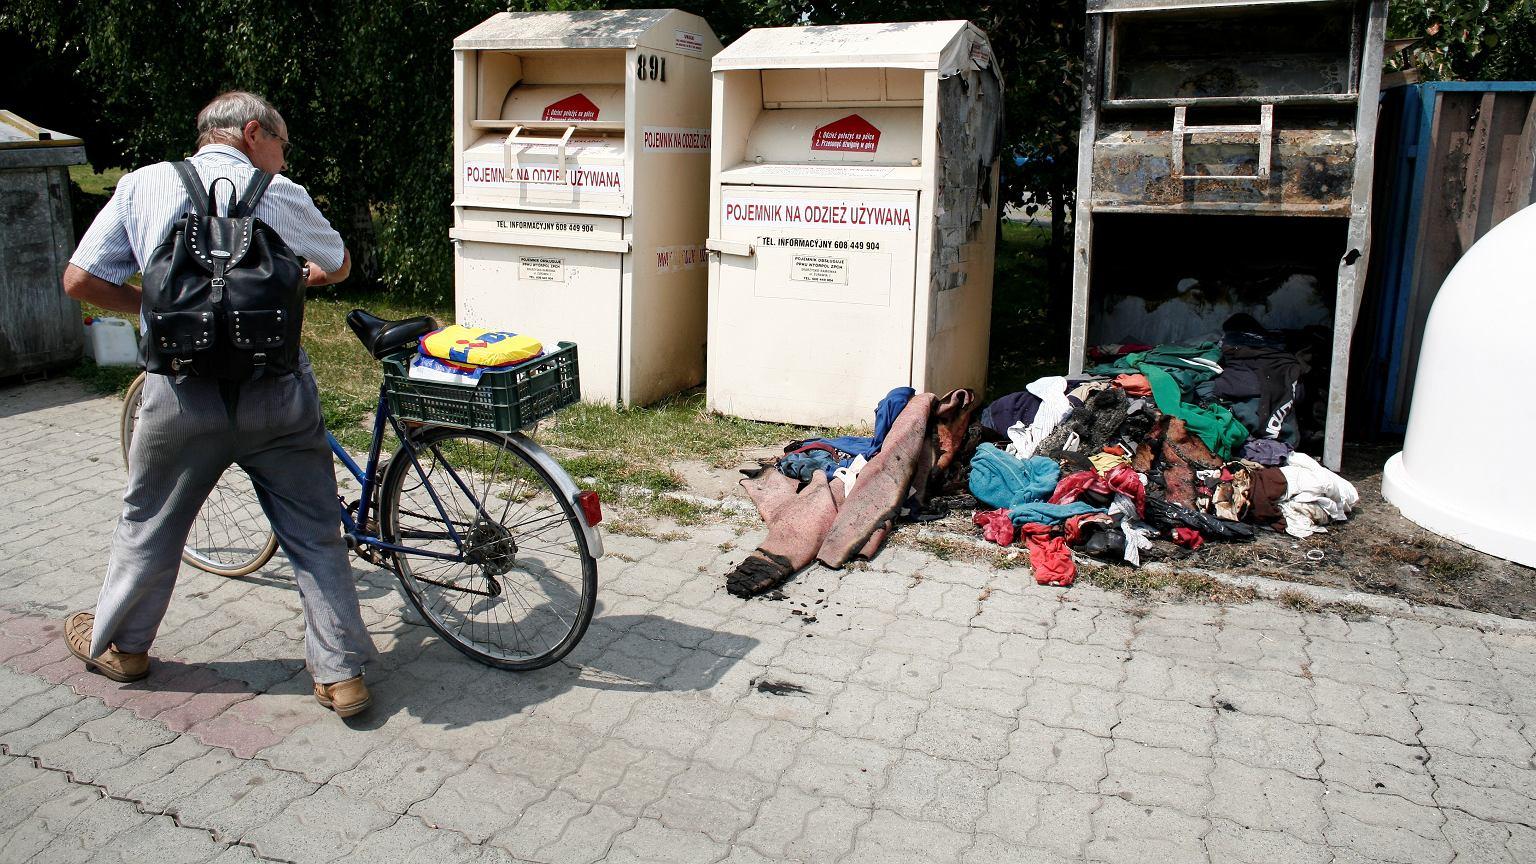 Wrzucasz ubrania do kontenera? To wcale nie znaczy, że pomagasz potrzebującym